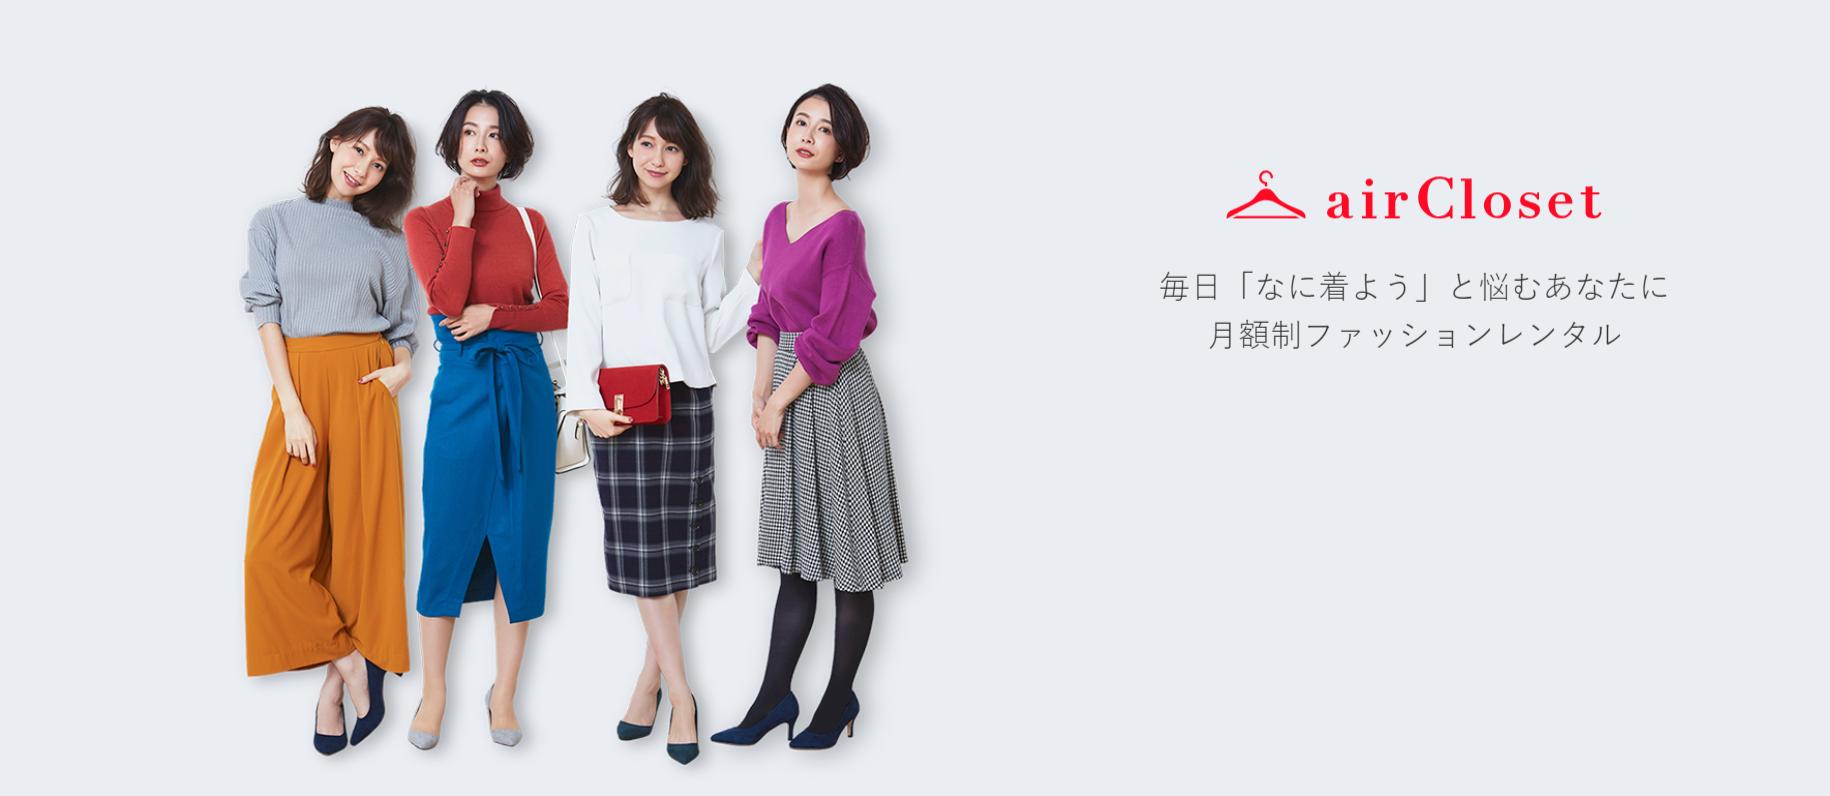 洋服レンタル「airCloset」